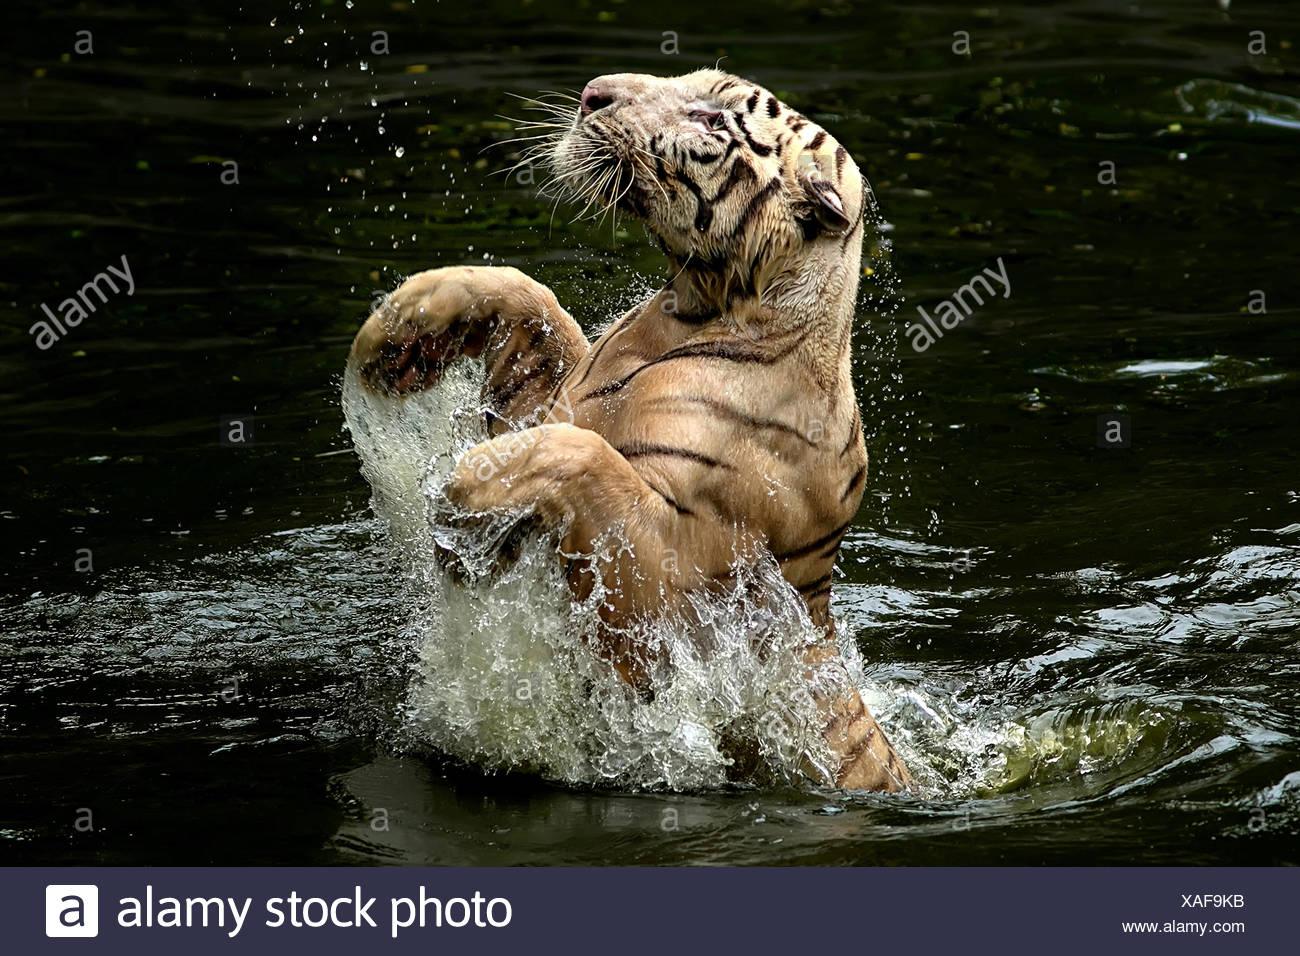 Indonesia, Depok, Tigre saltando desde el agua para recoger los alimentos Imagen De Stock